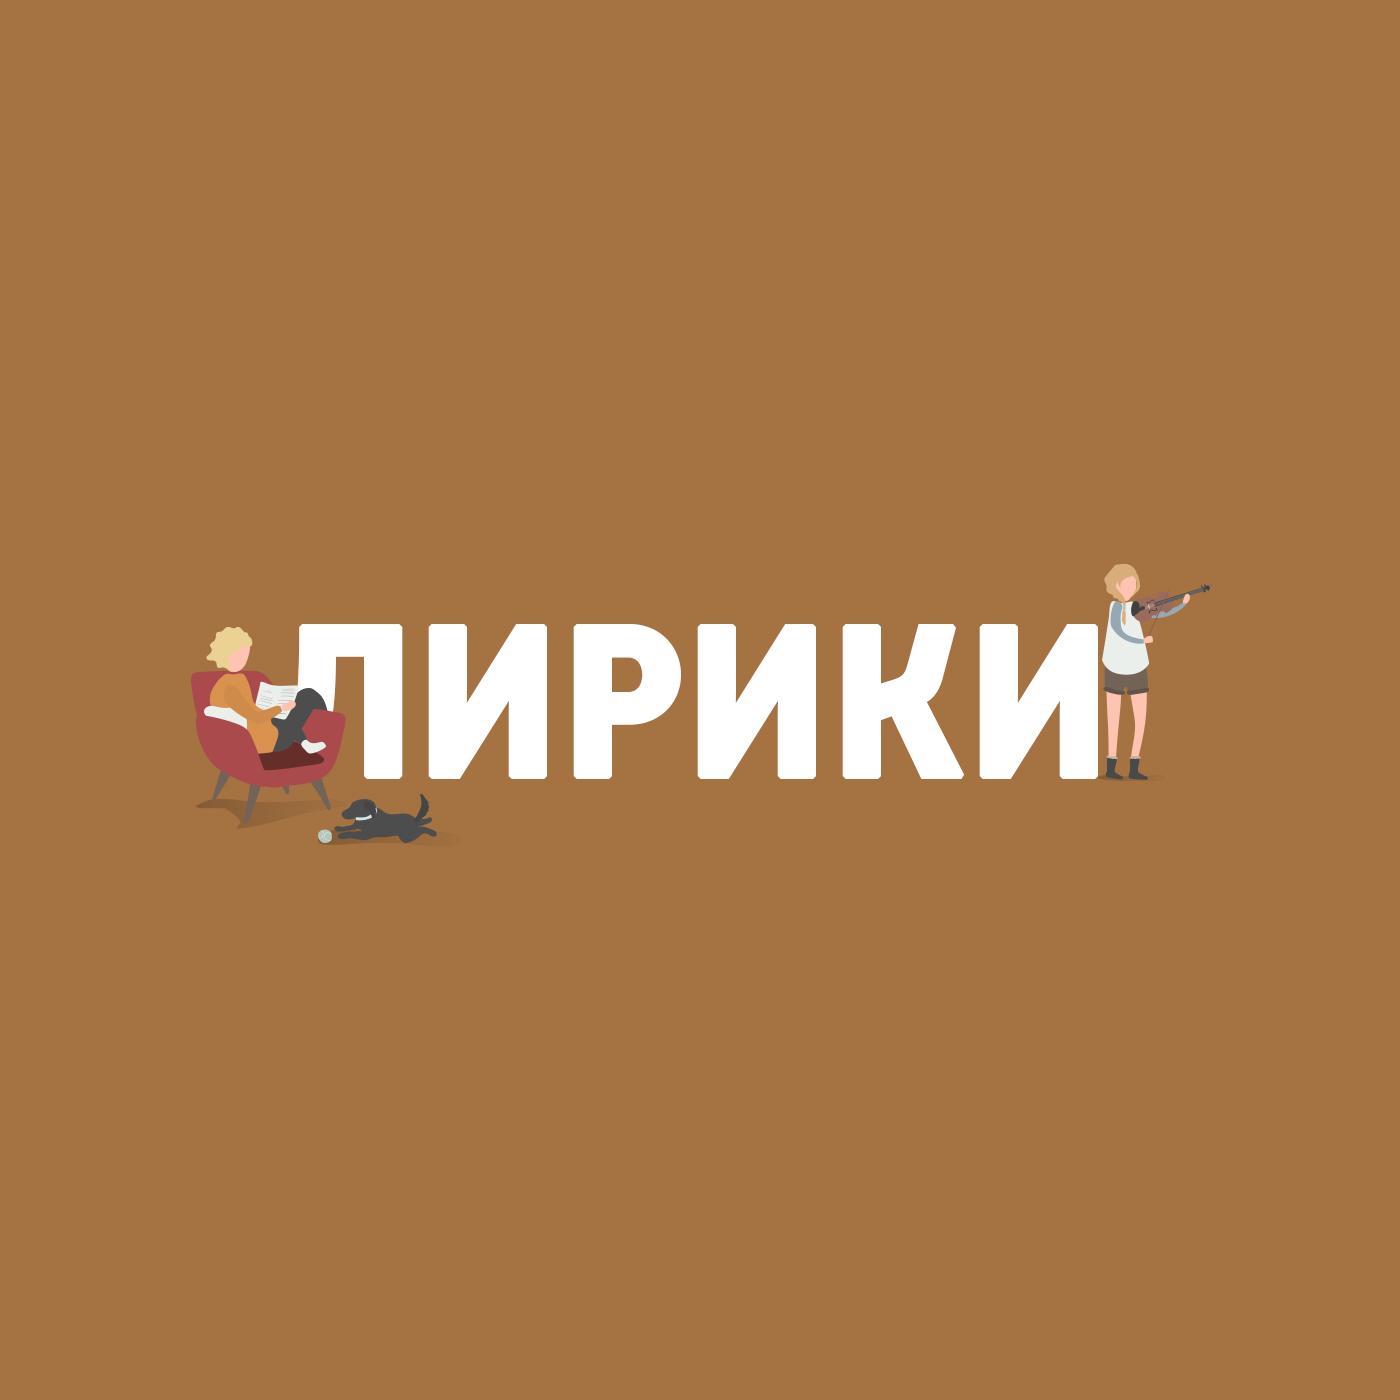 История терменвокса